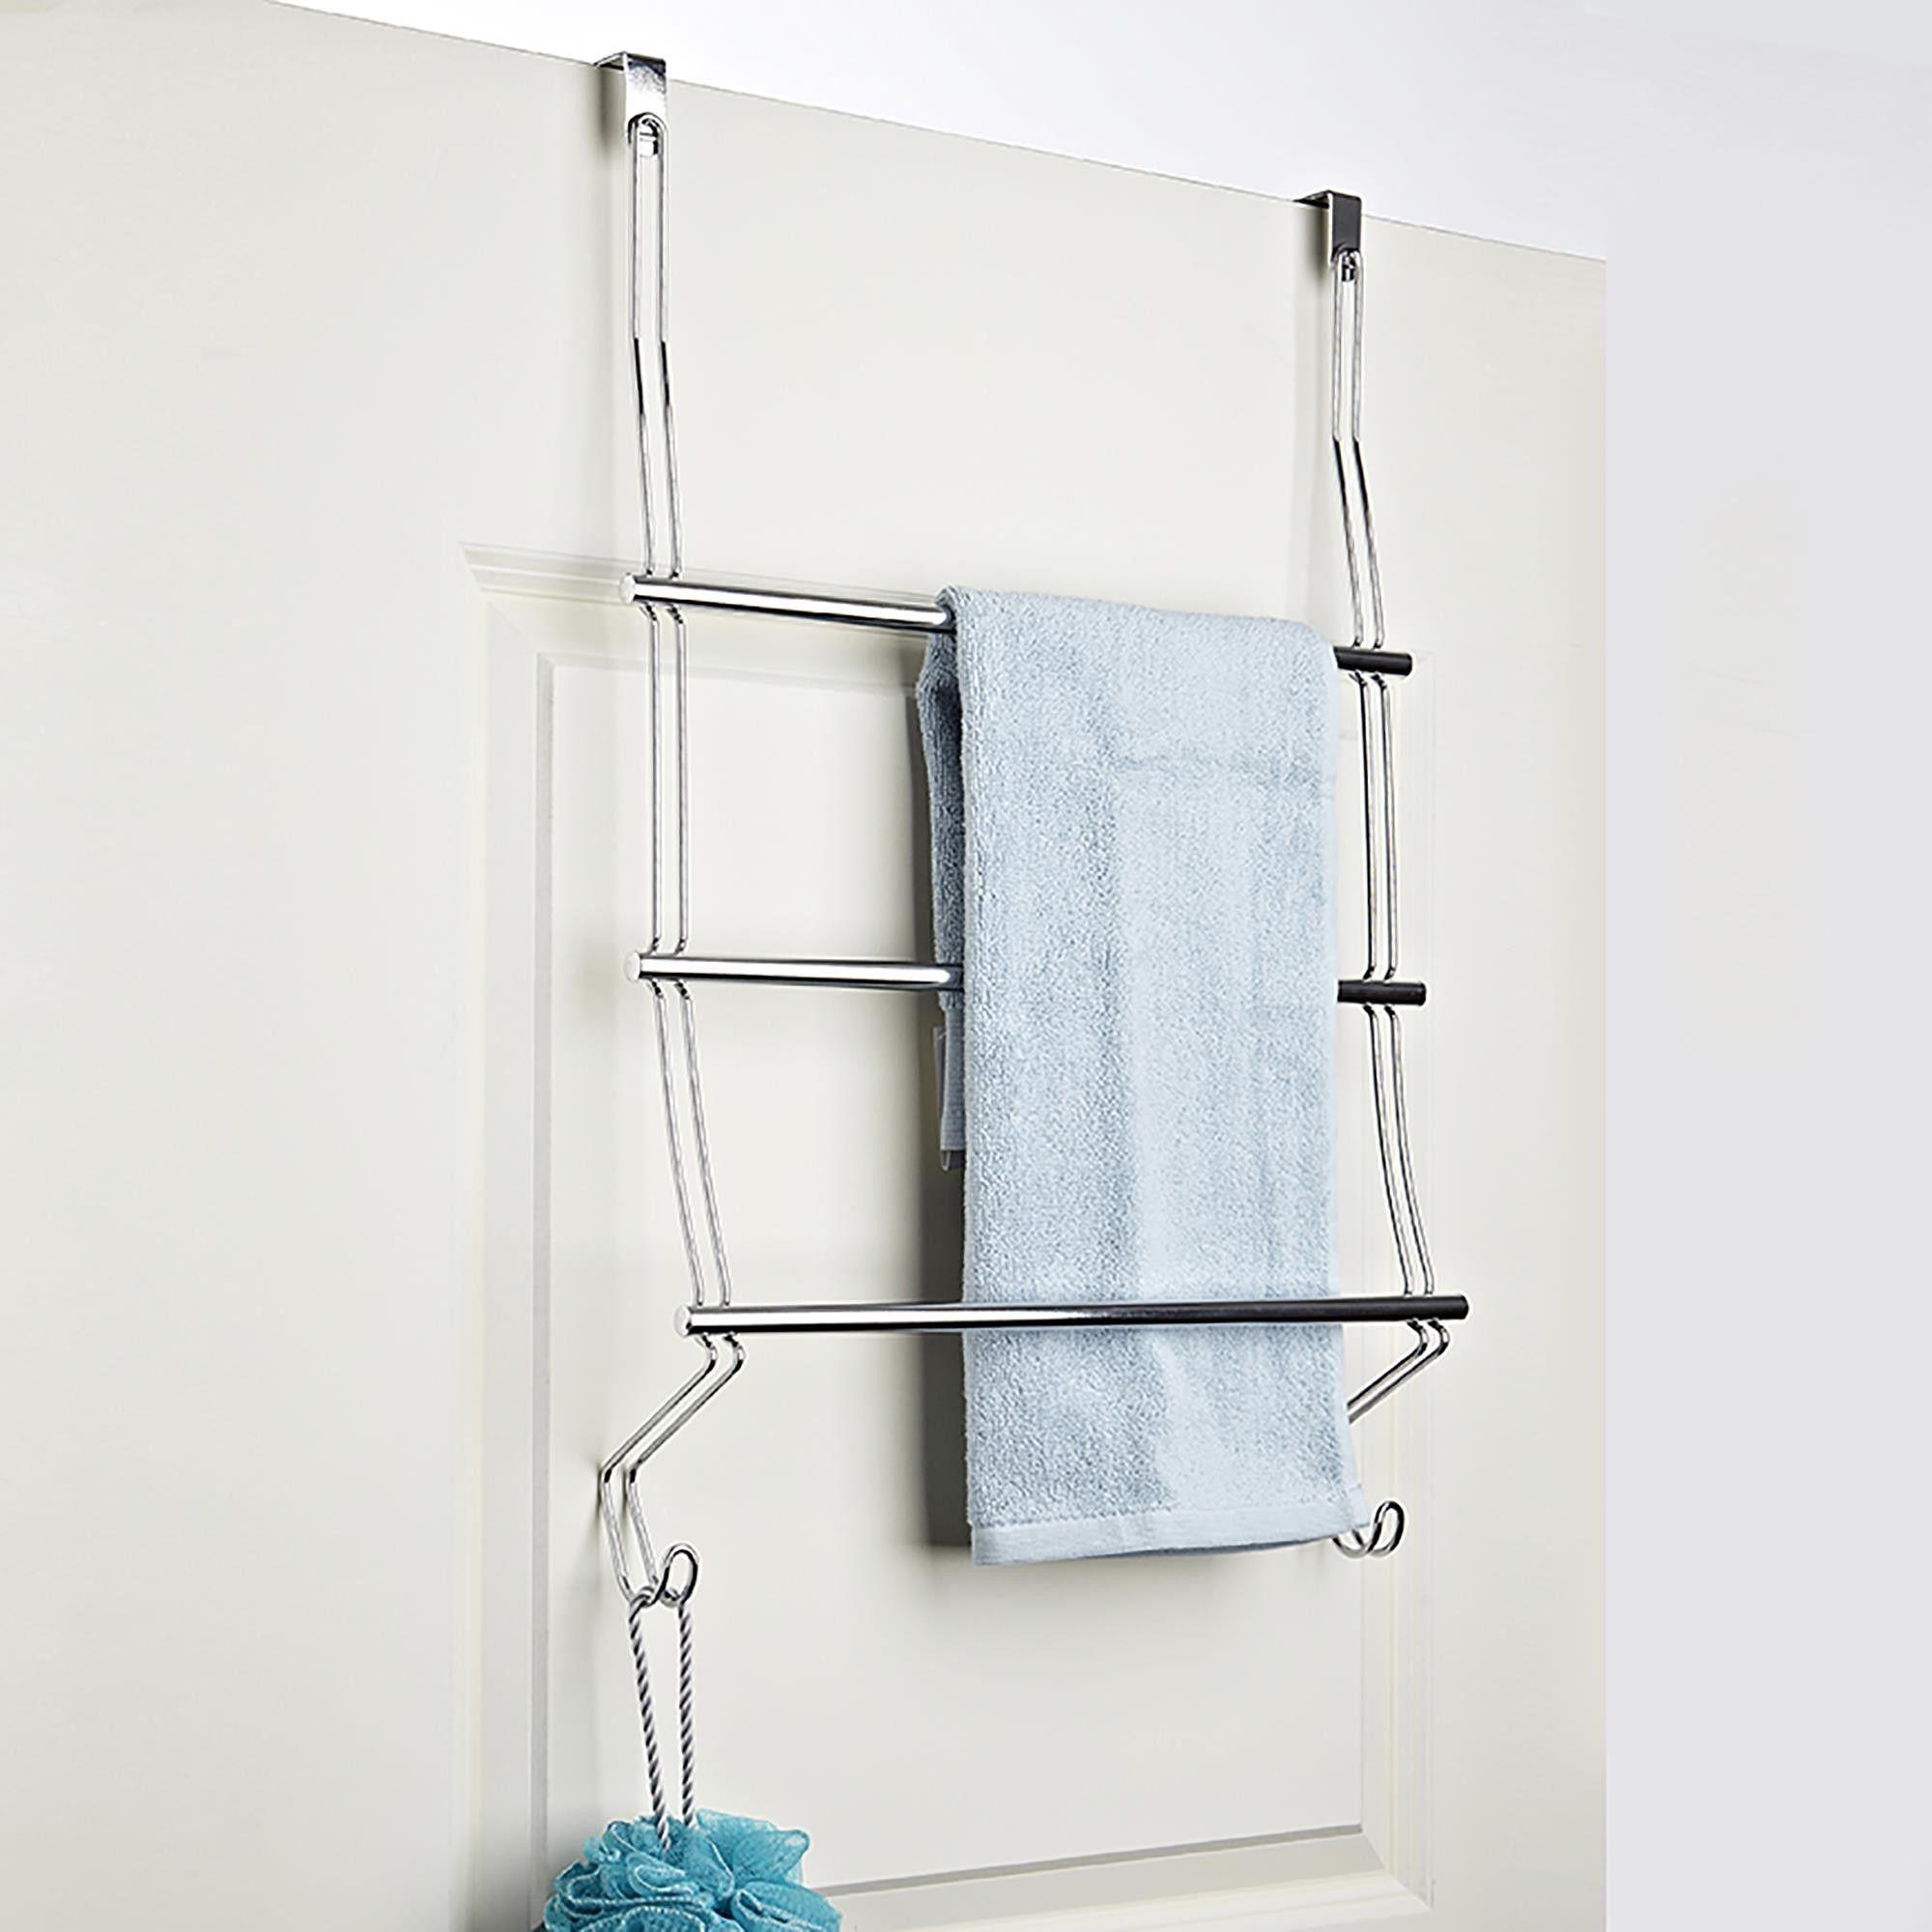 Interdesign Classico Over Shower Door Towel Rack Over Door Towel Rack Towel Rack Shower Doors